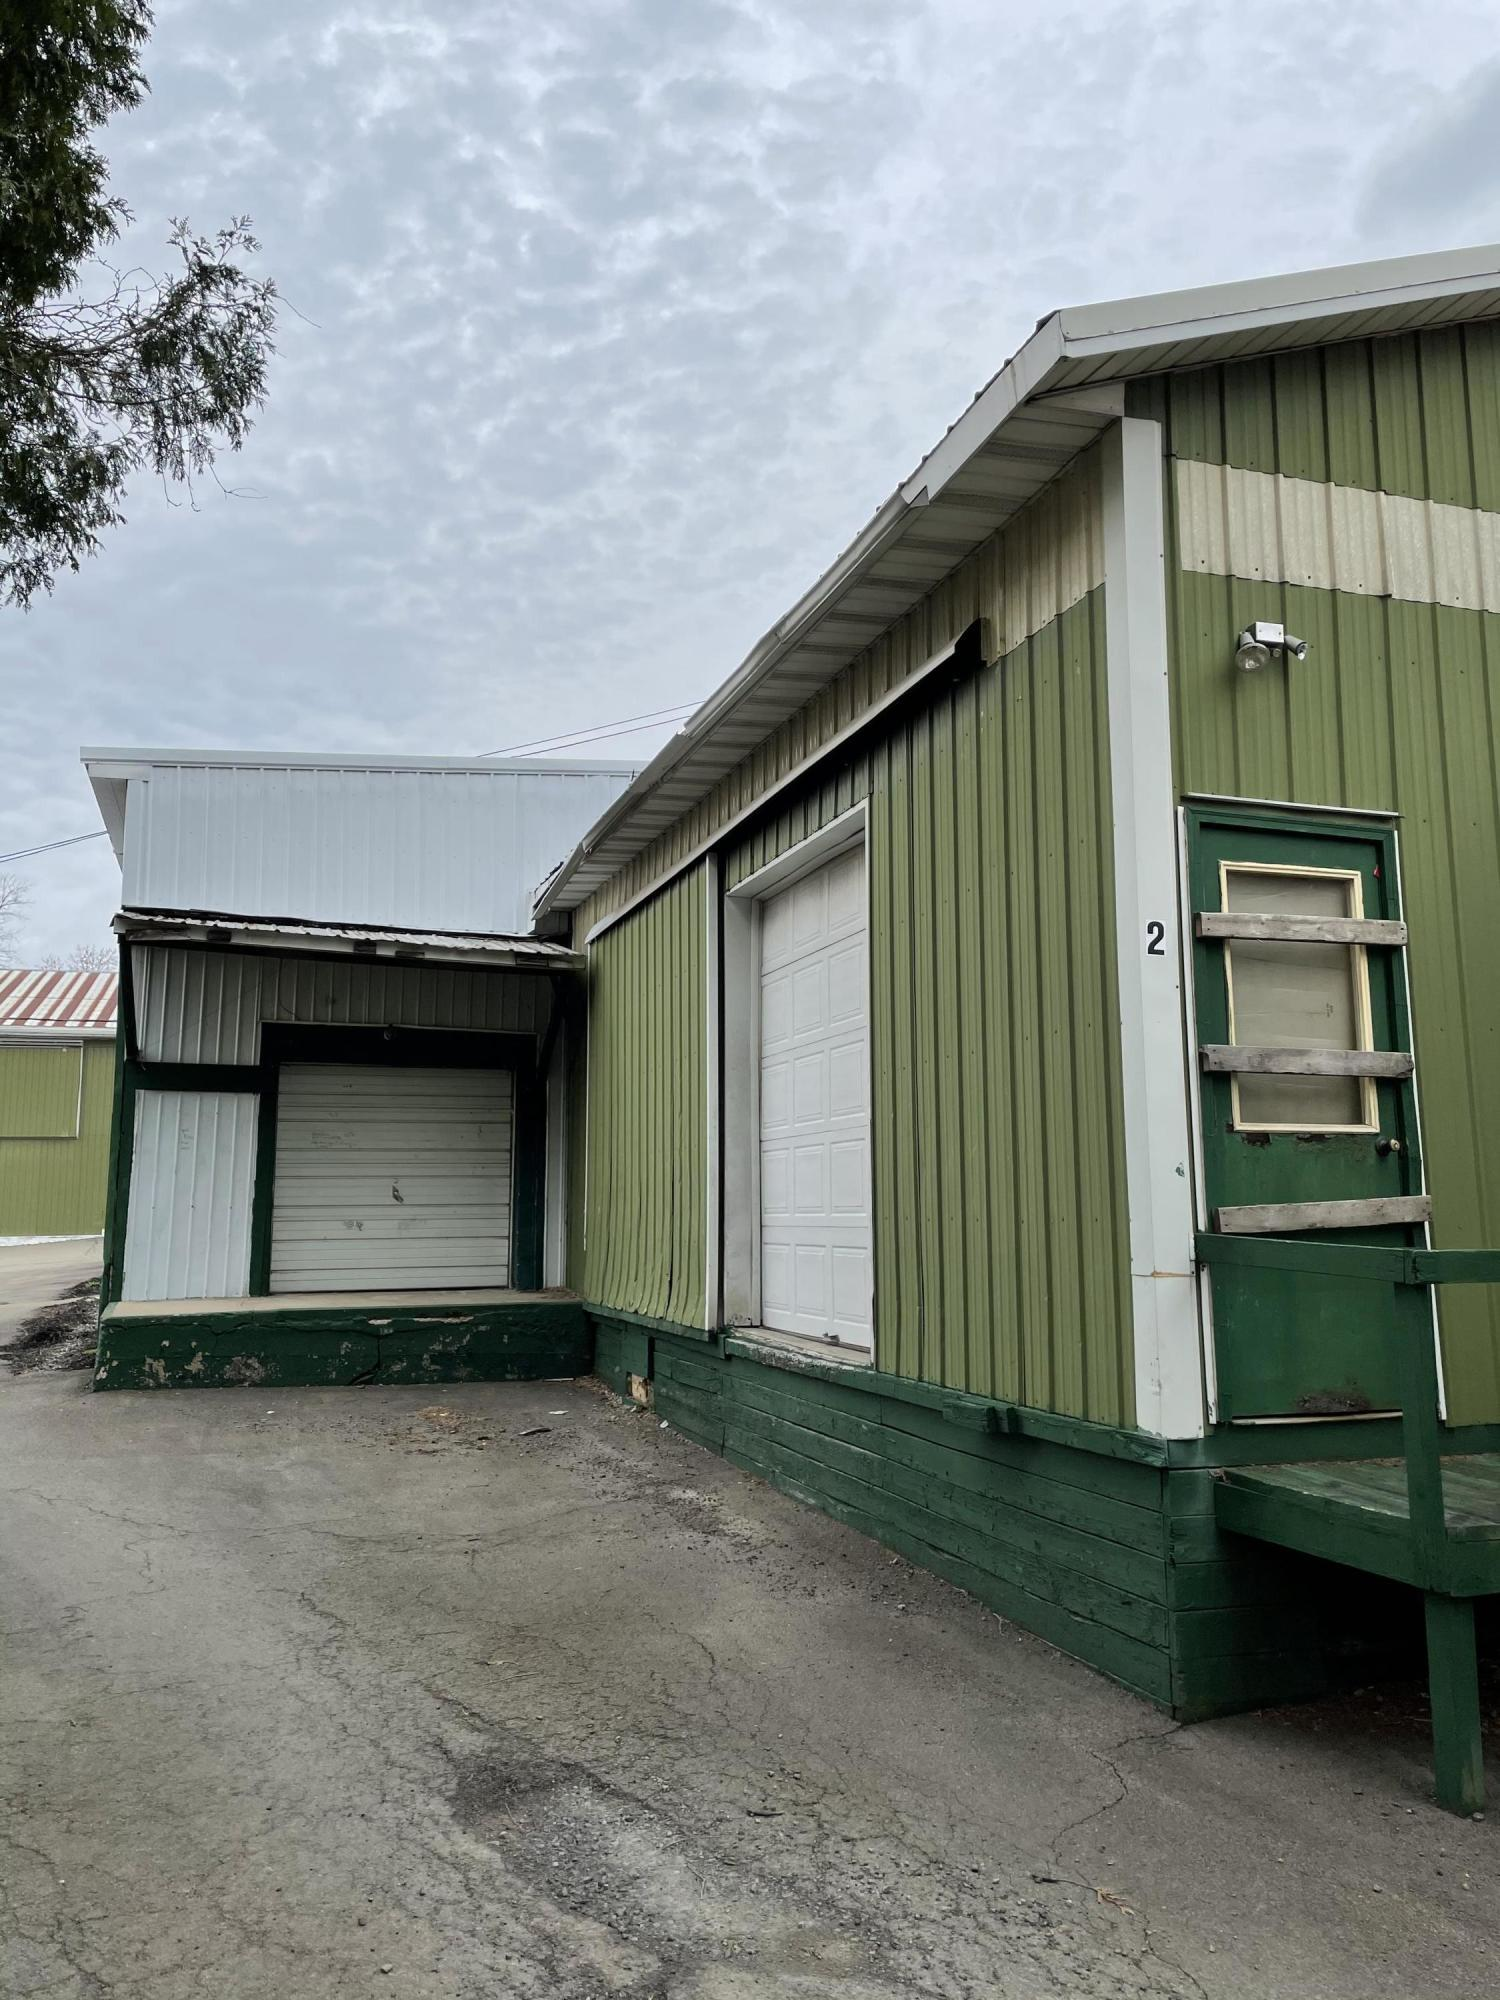 160/162 Tioga St, Tunkhannock, Pennsylvania 18657, ,2 BathroomsBathrooms,Commercial,For Sale,Tioga,21-1146